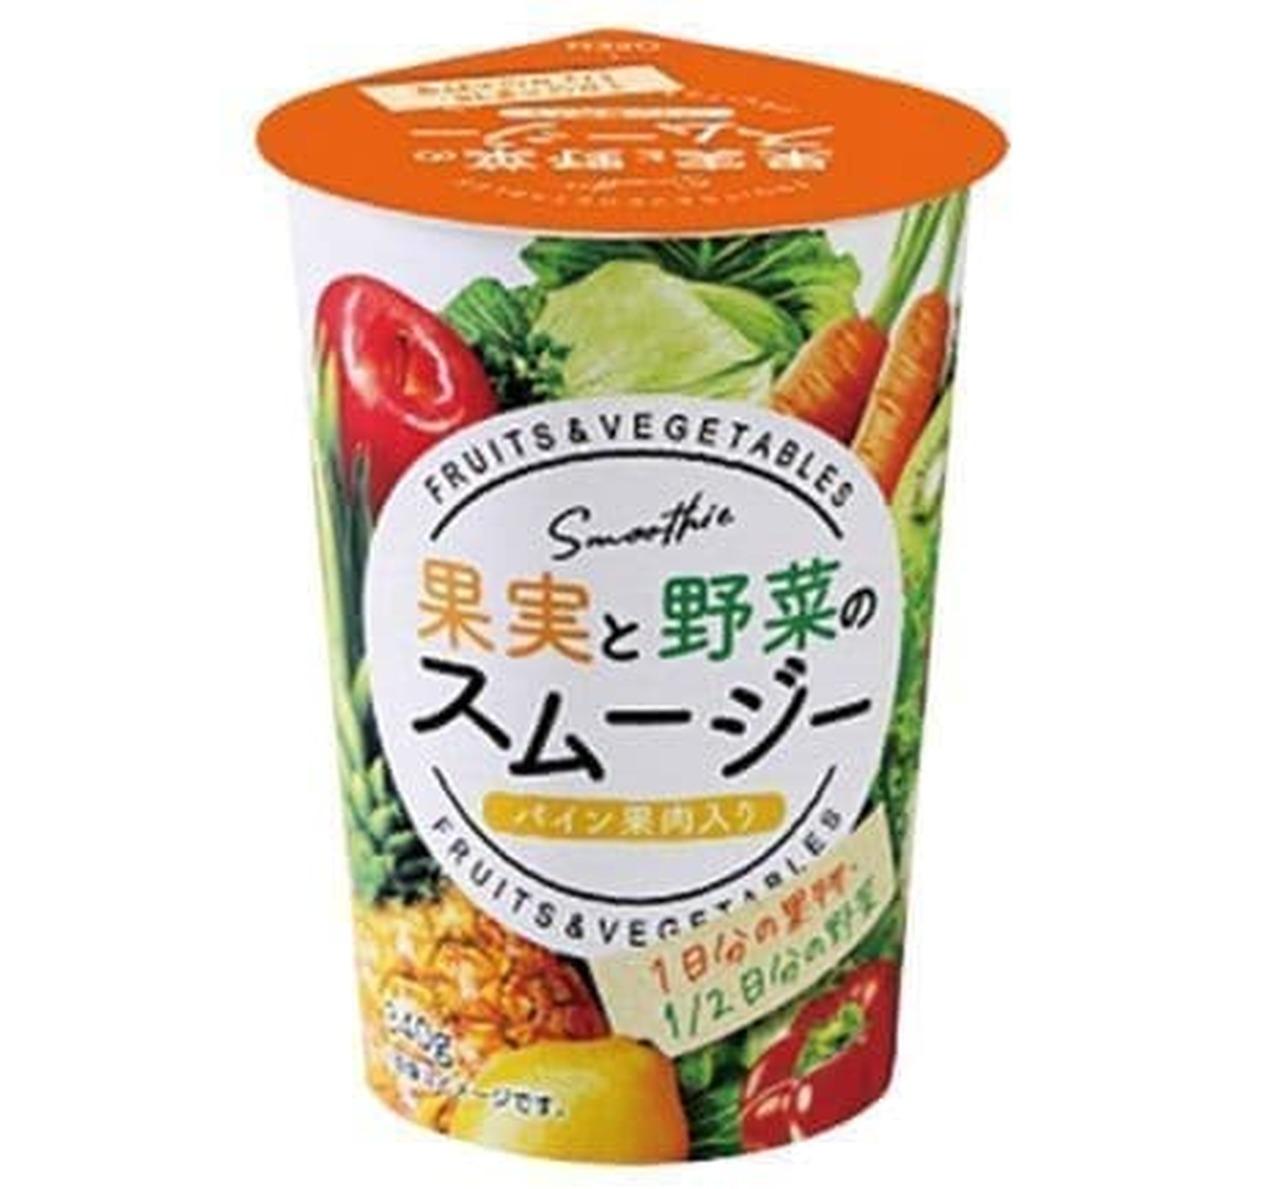 ファミリーマート「果実と野菜のスムージー」